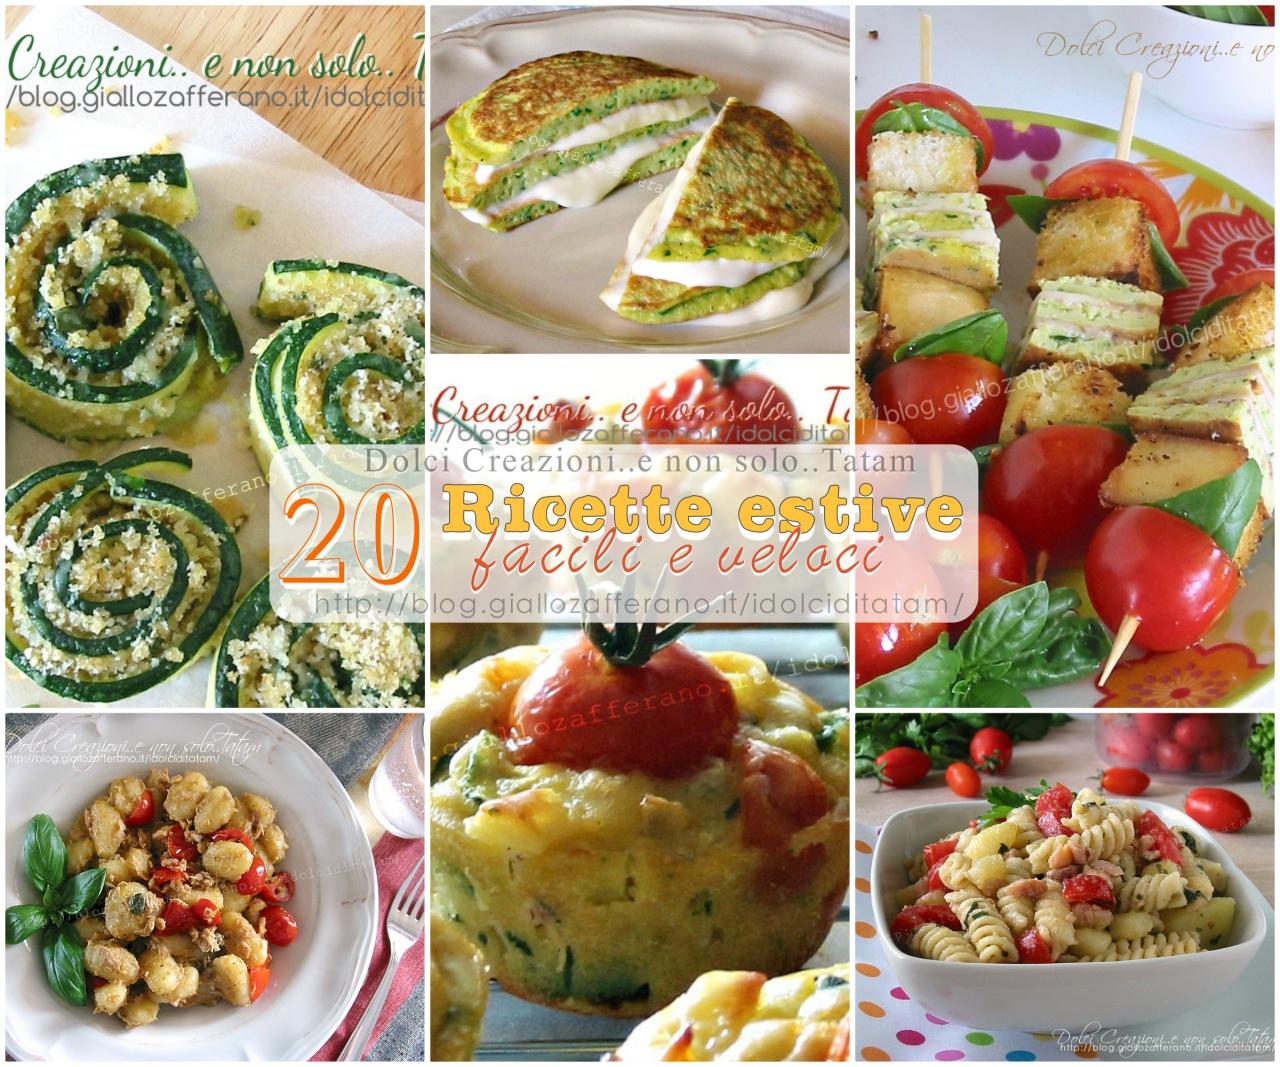 20 ricette estive salate facili e veloci 3 ricette dolci